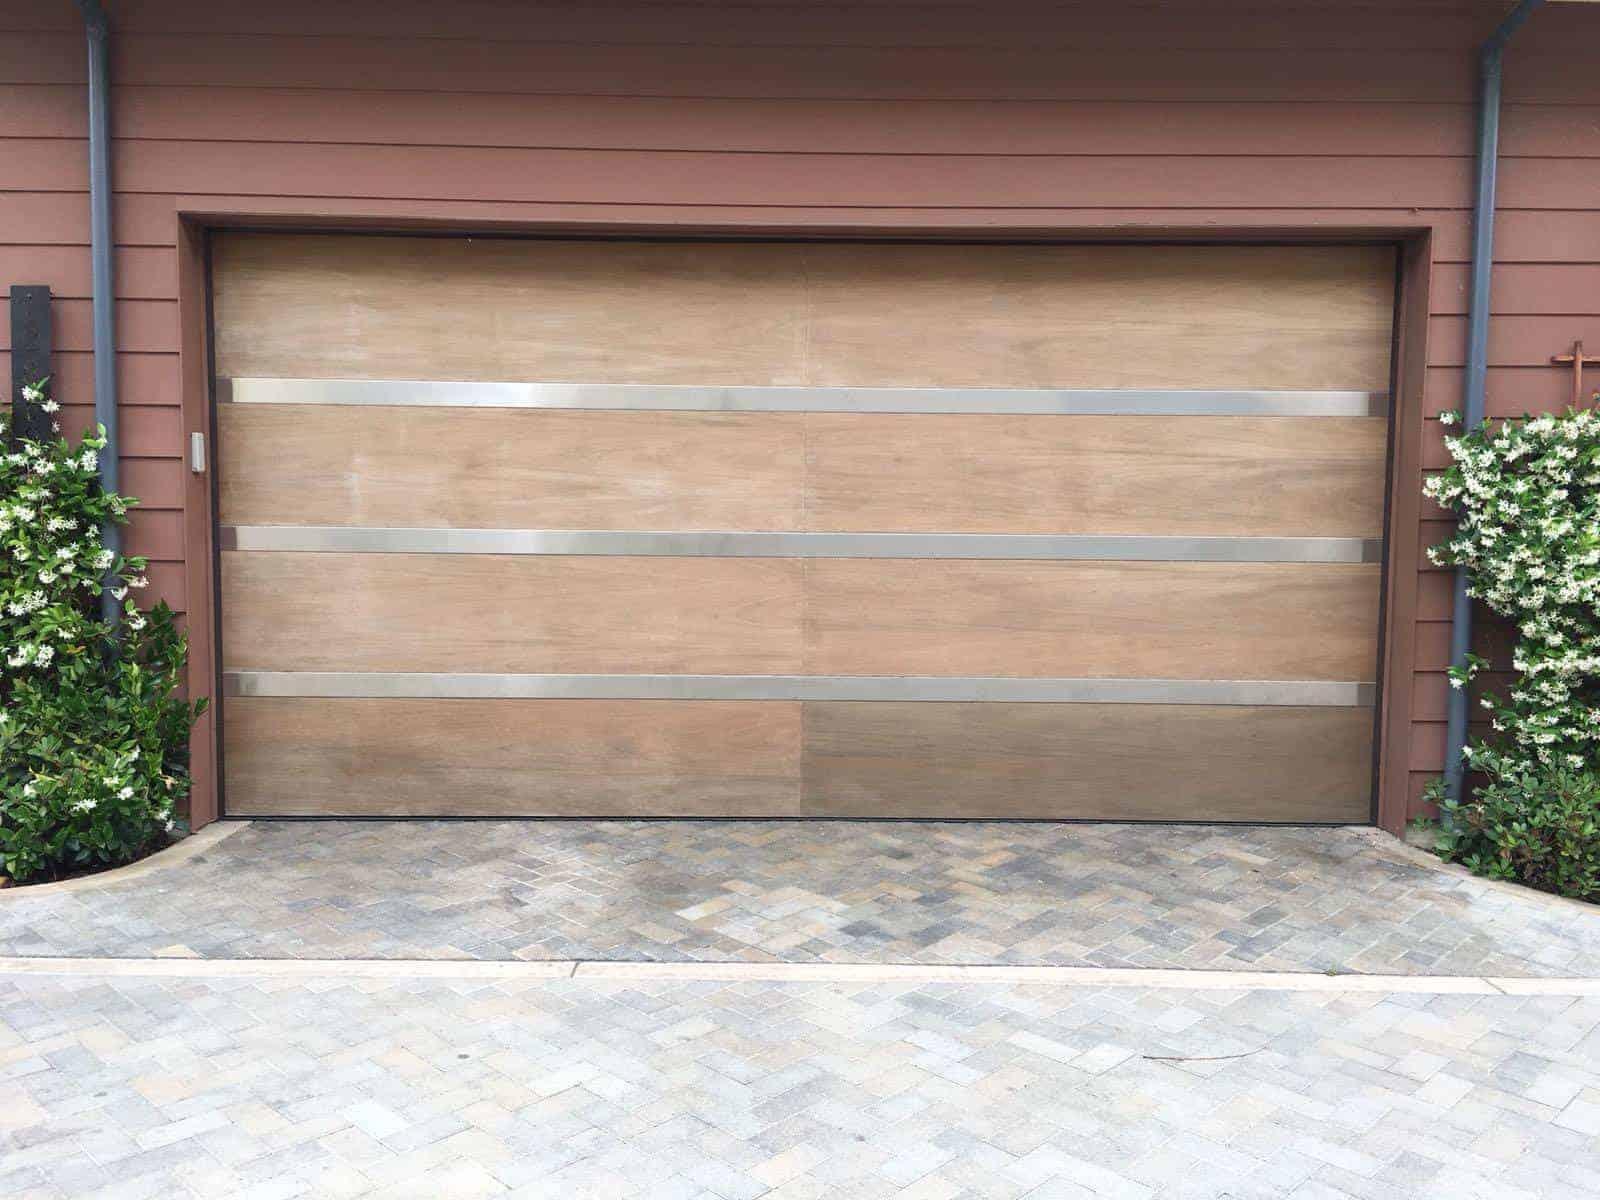 Garage Door Repair & Replacement in Eagle Rock